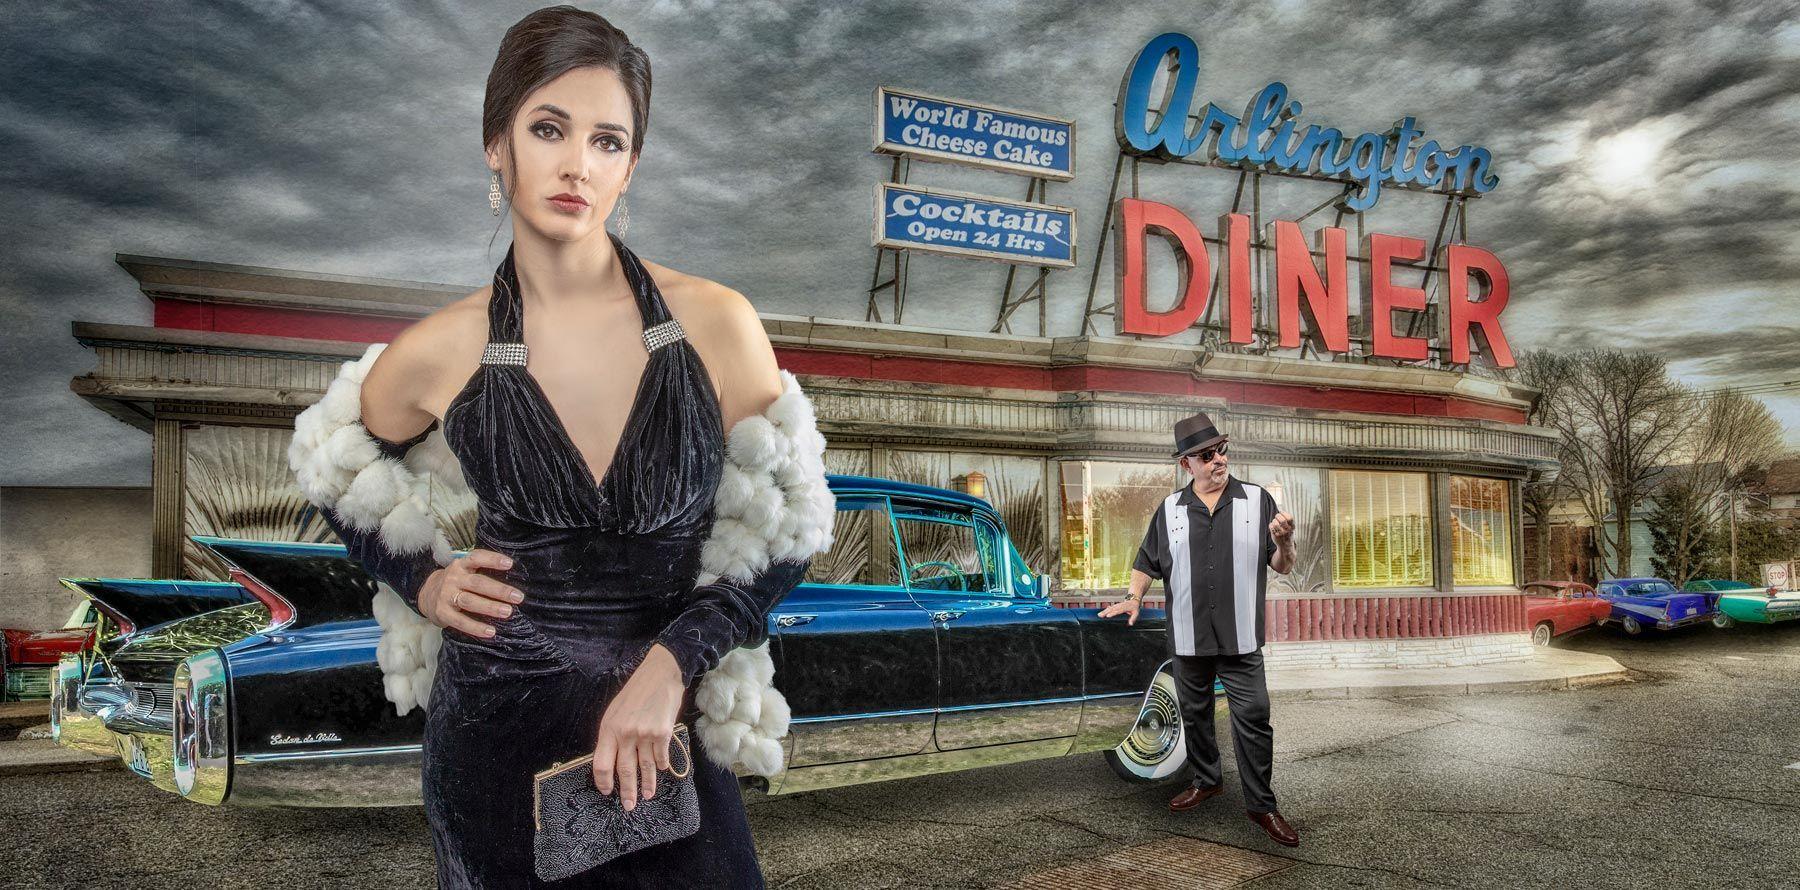 Diner #3